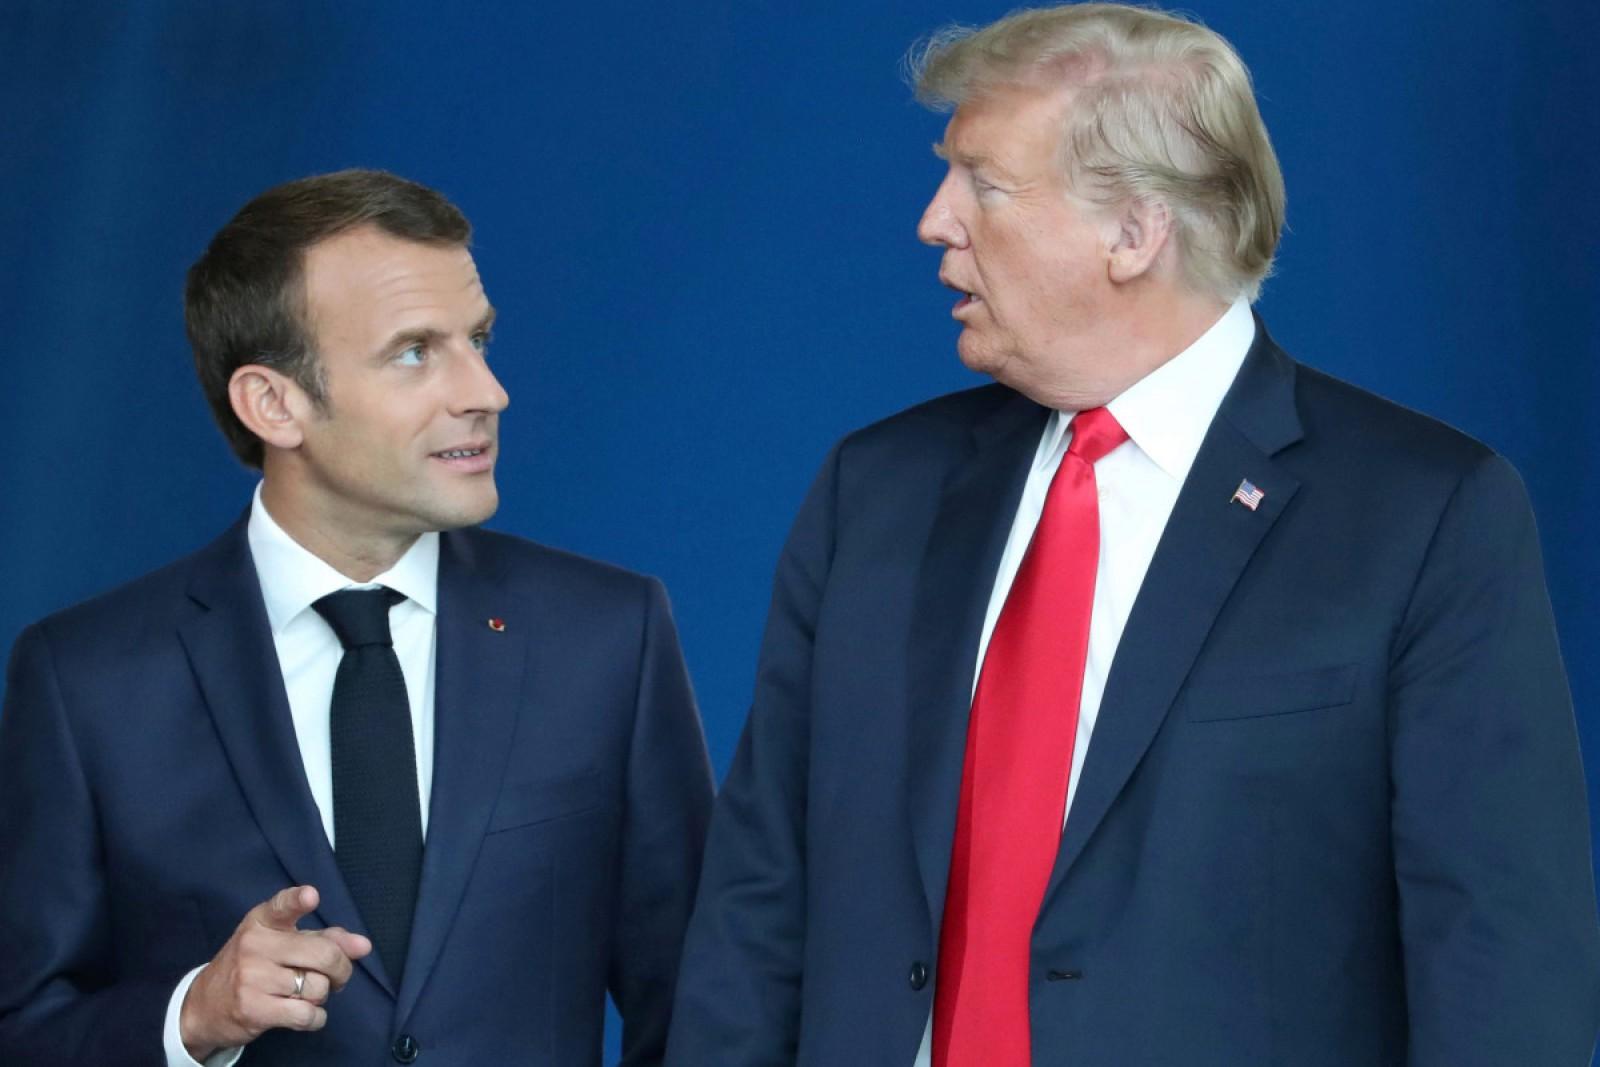 Emmanuel Macron i-a telefonat lui Donald Trump pentru a discuta despre situația din Siria și Iran